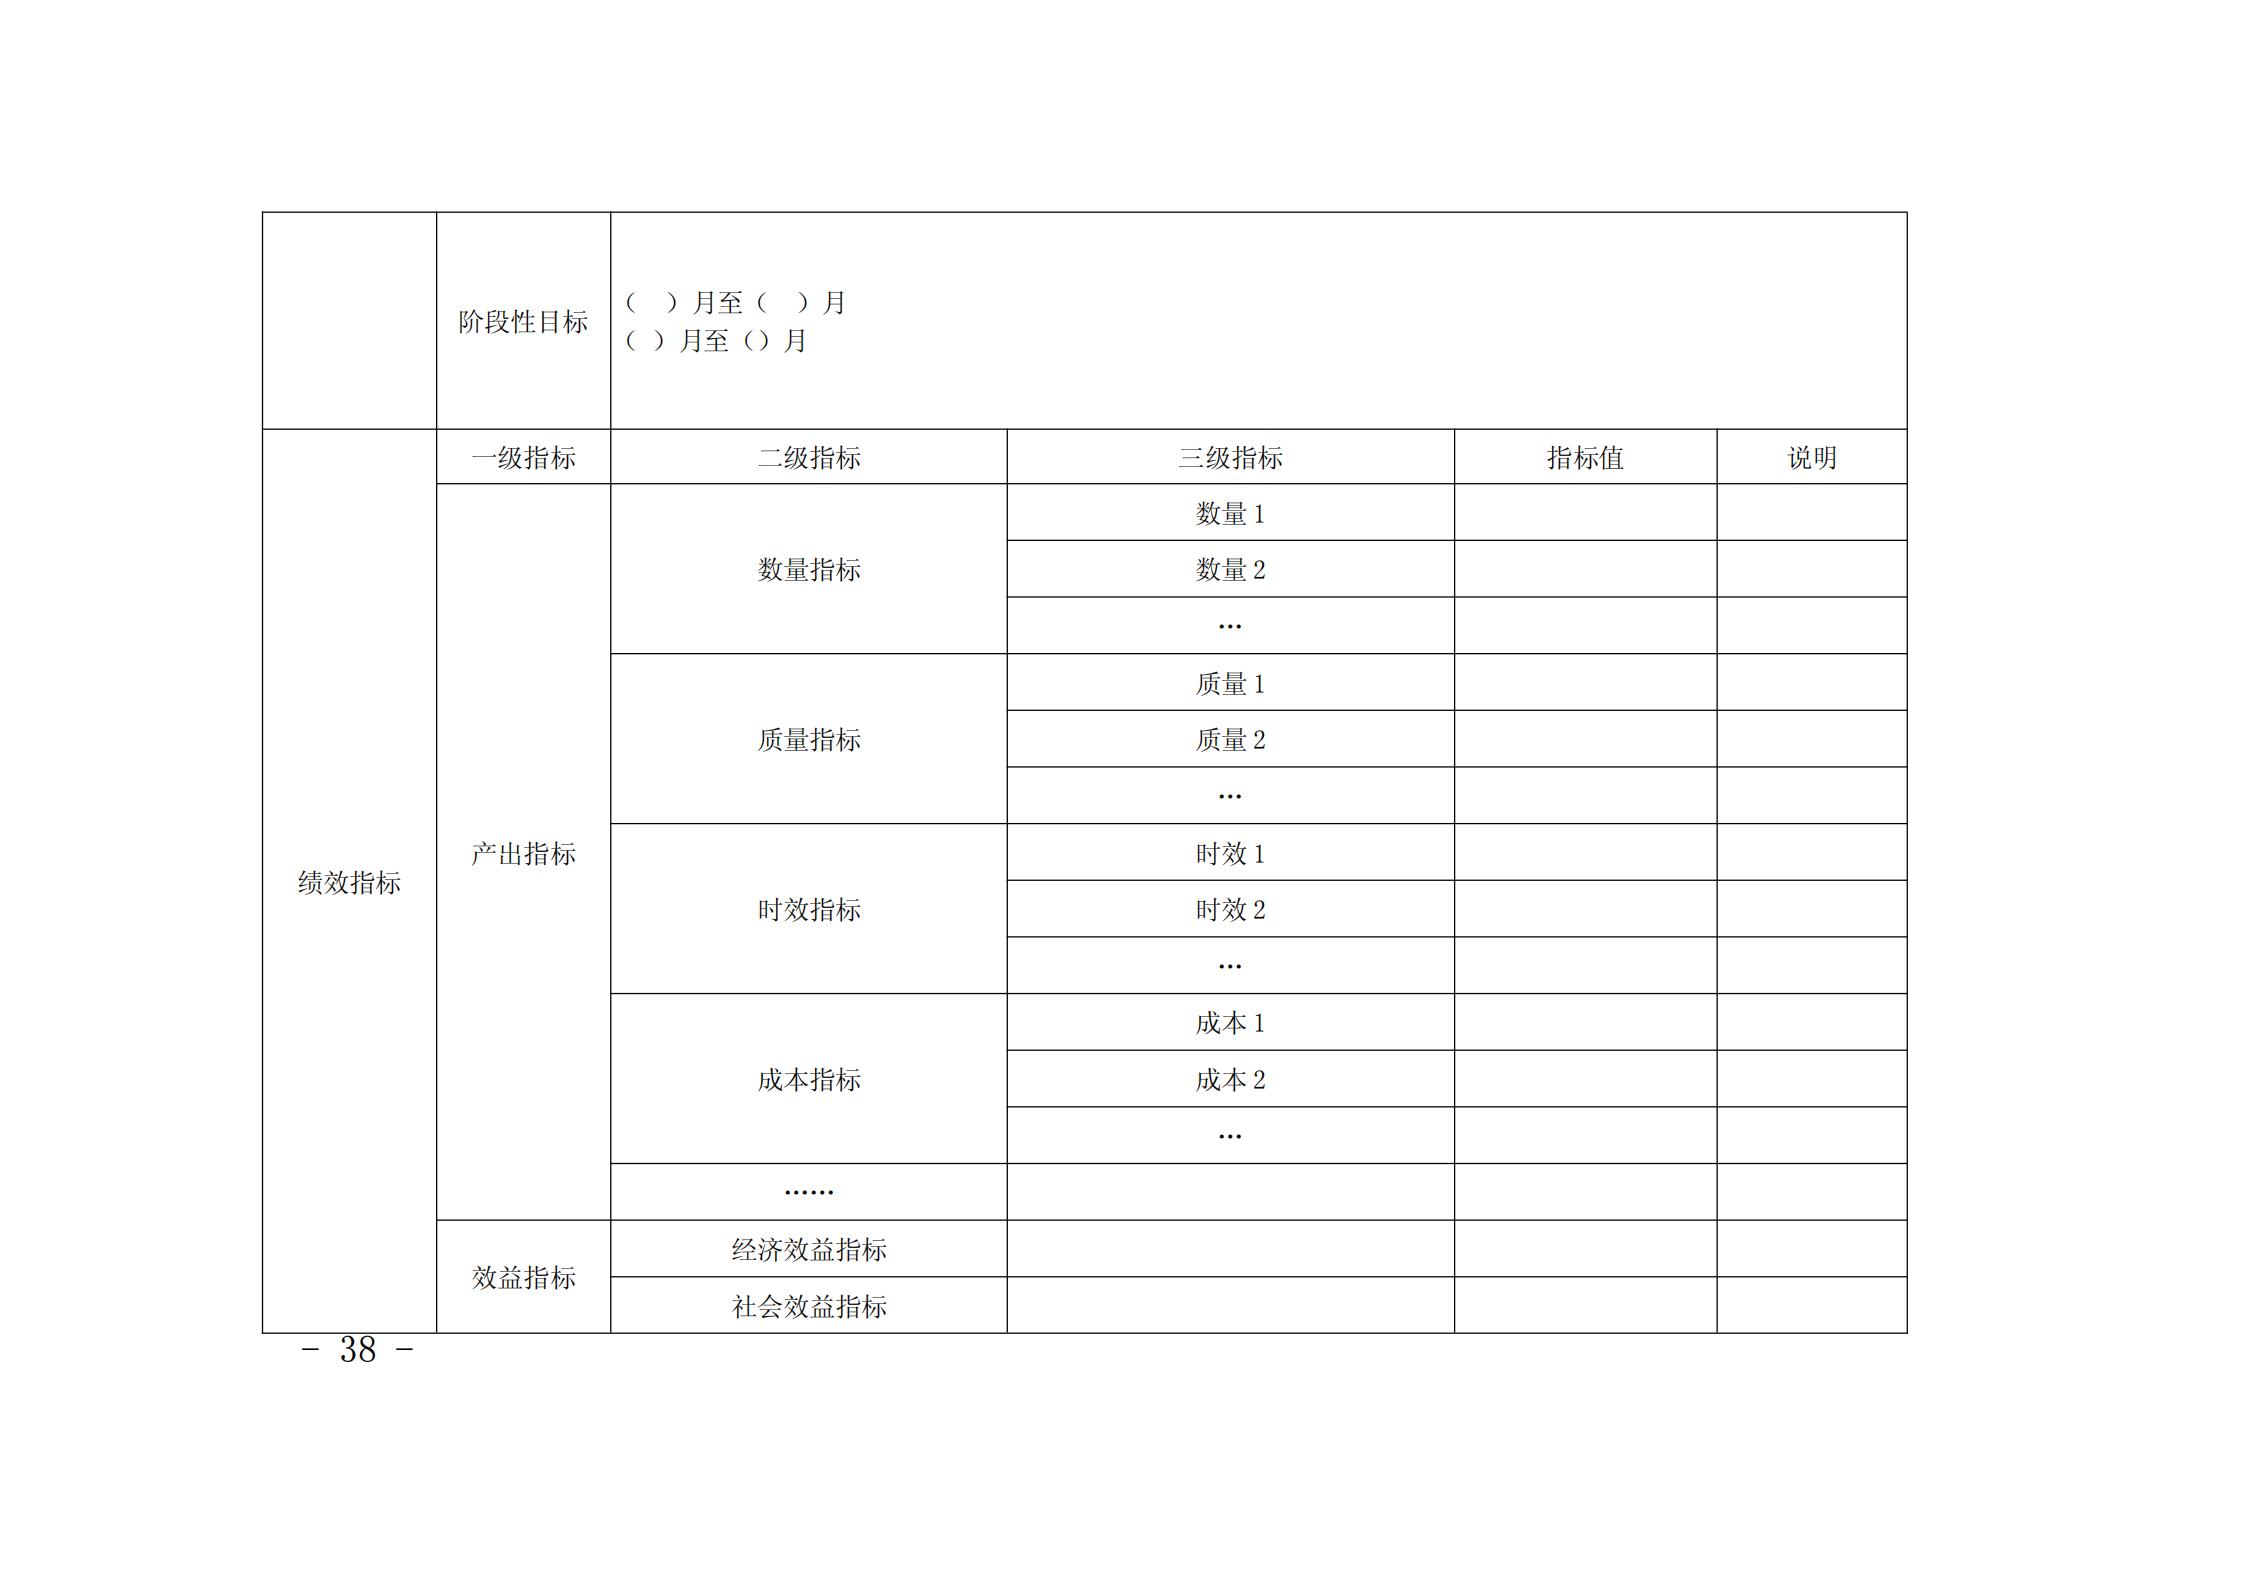 """贵阳市青少年宫2021年度市级部门预算、""""三公""""经费预算公开说明_37.png"""